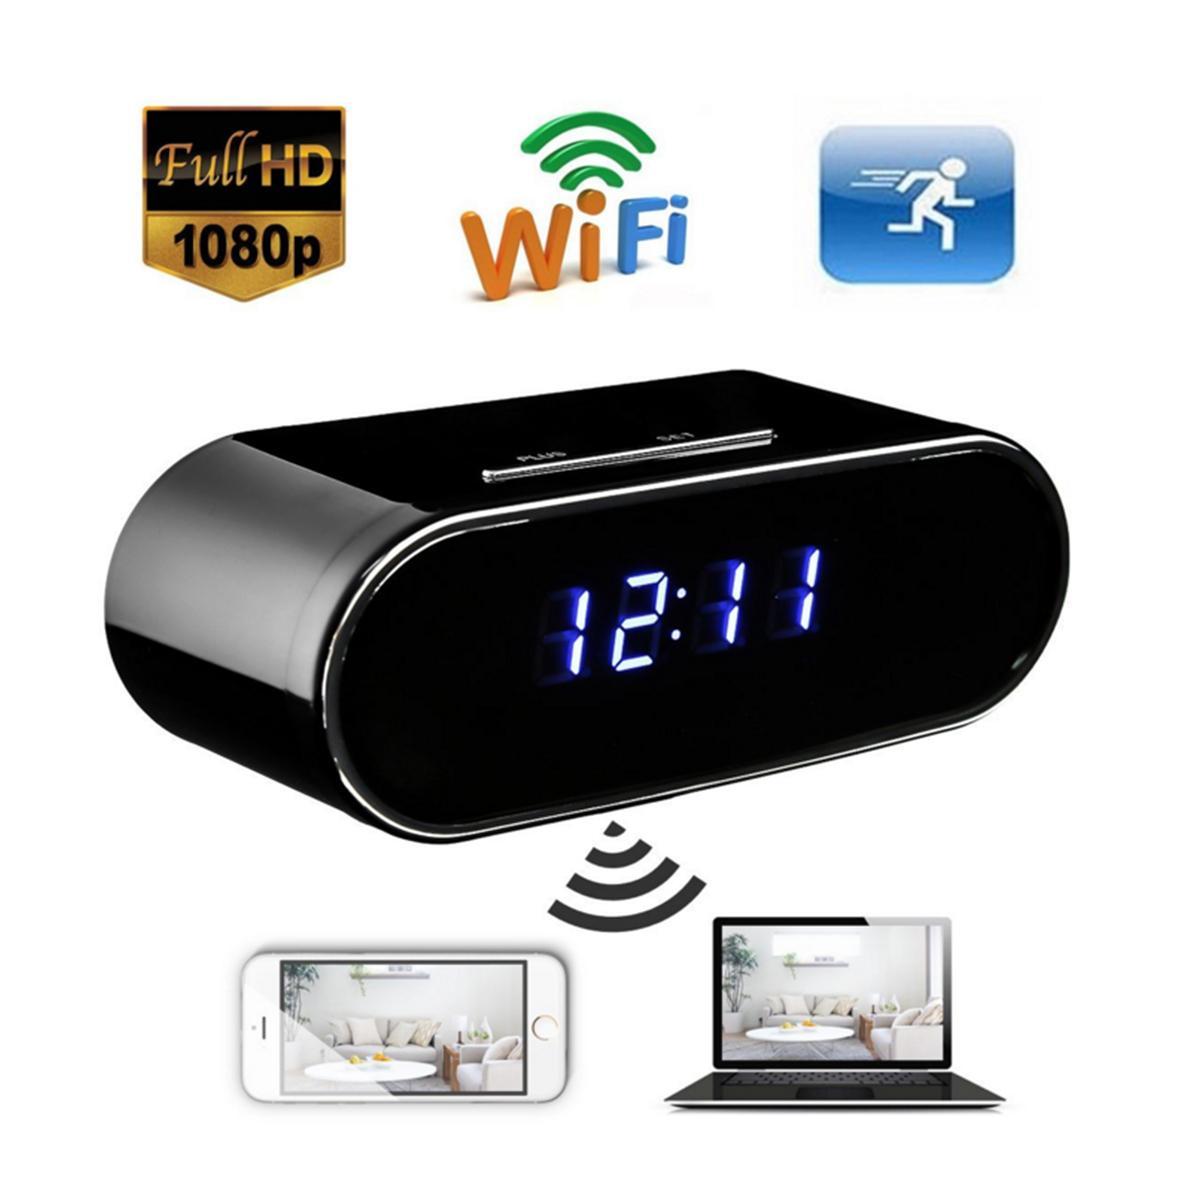 Volemer 1080P HD часы камеры Z10 WIFI управления Скрытый ИК ночного видения сигнализации Цифровые часы видеокамера Mini DV DVR видеокамеры